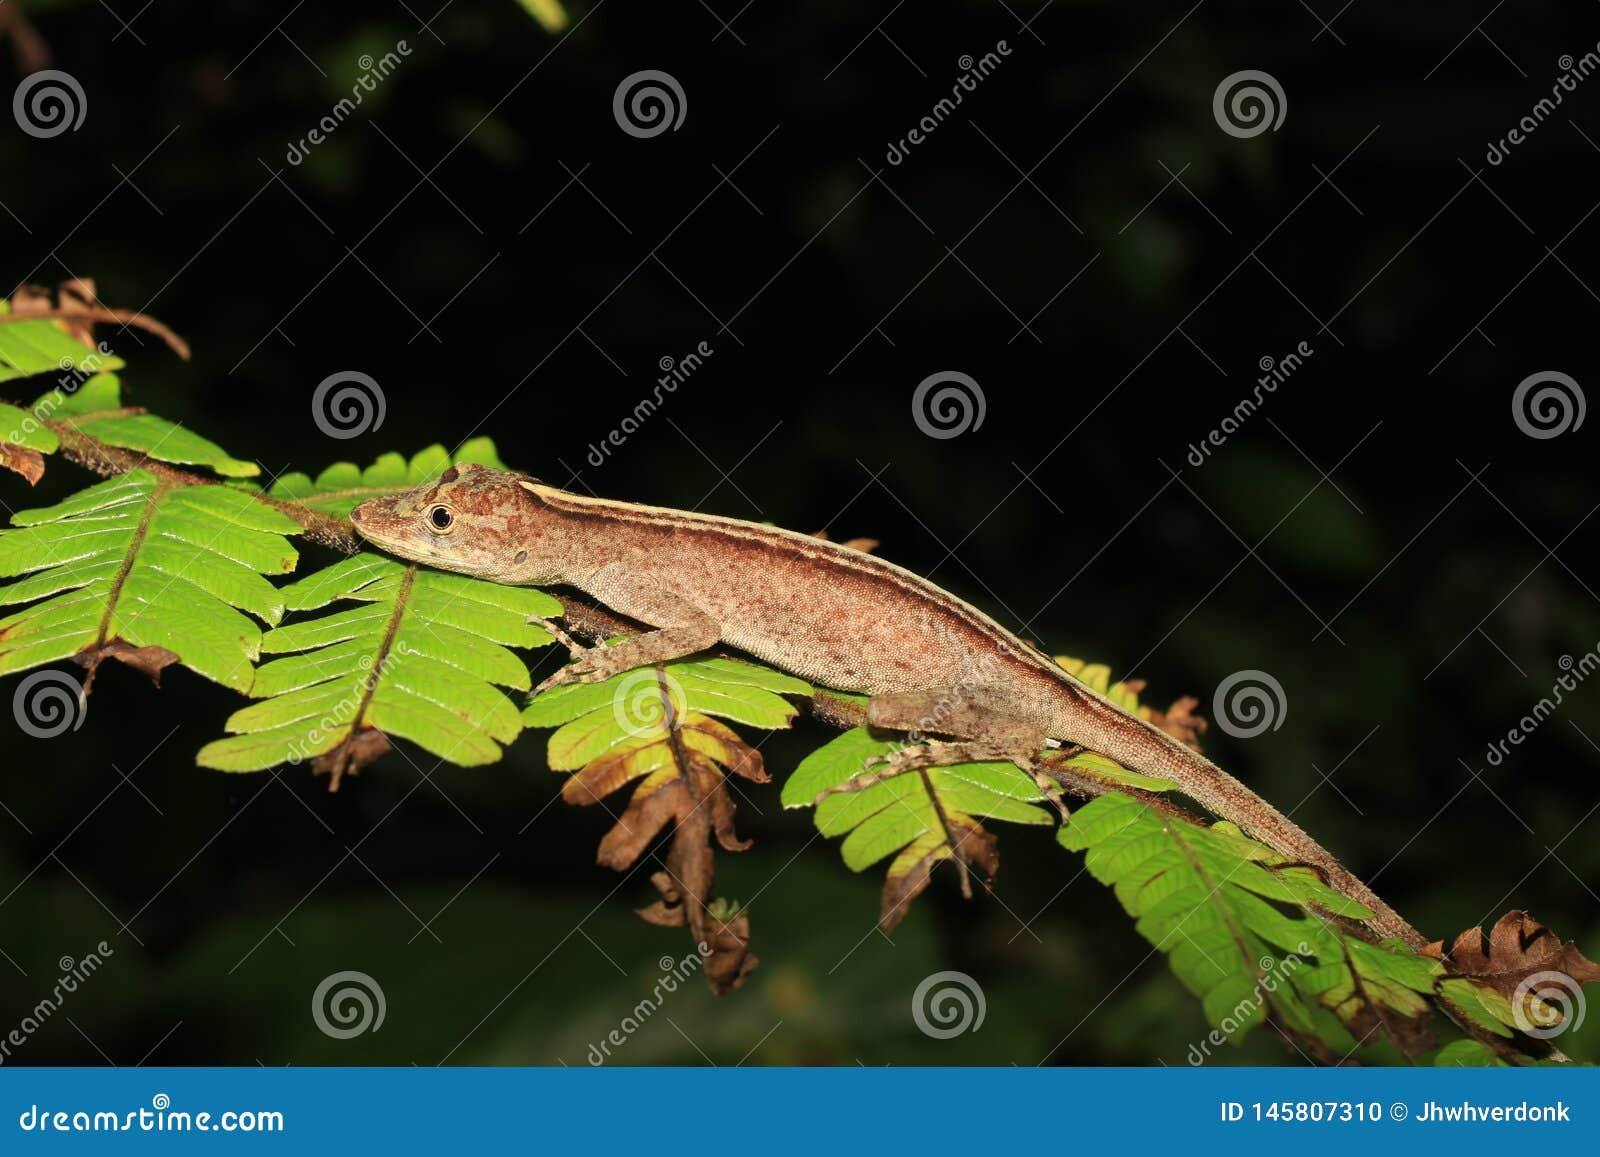 Espécie do Anolis que dorme em uma licença na floresta úmida de Equador, Ámérica do Sul